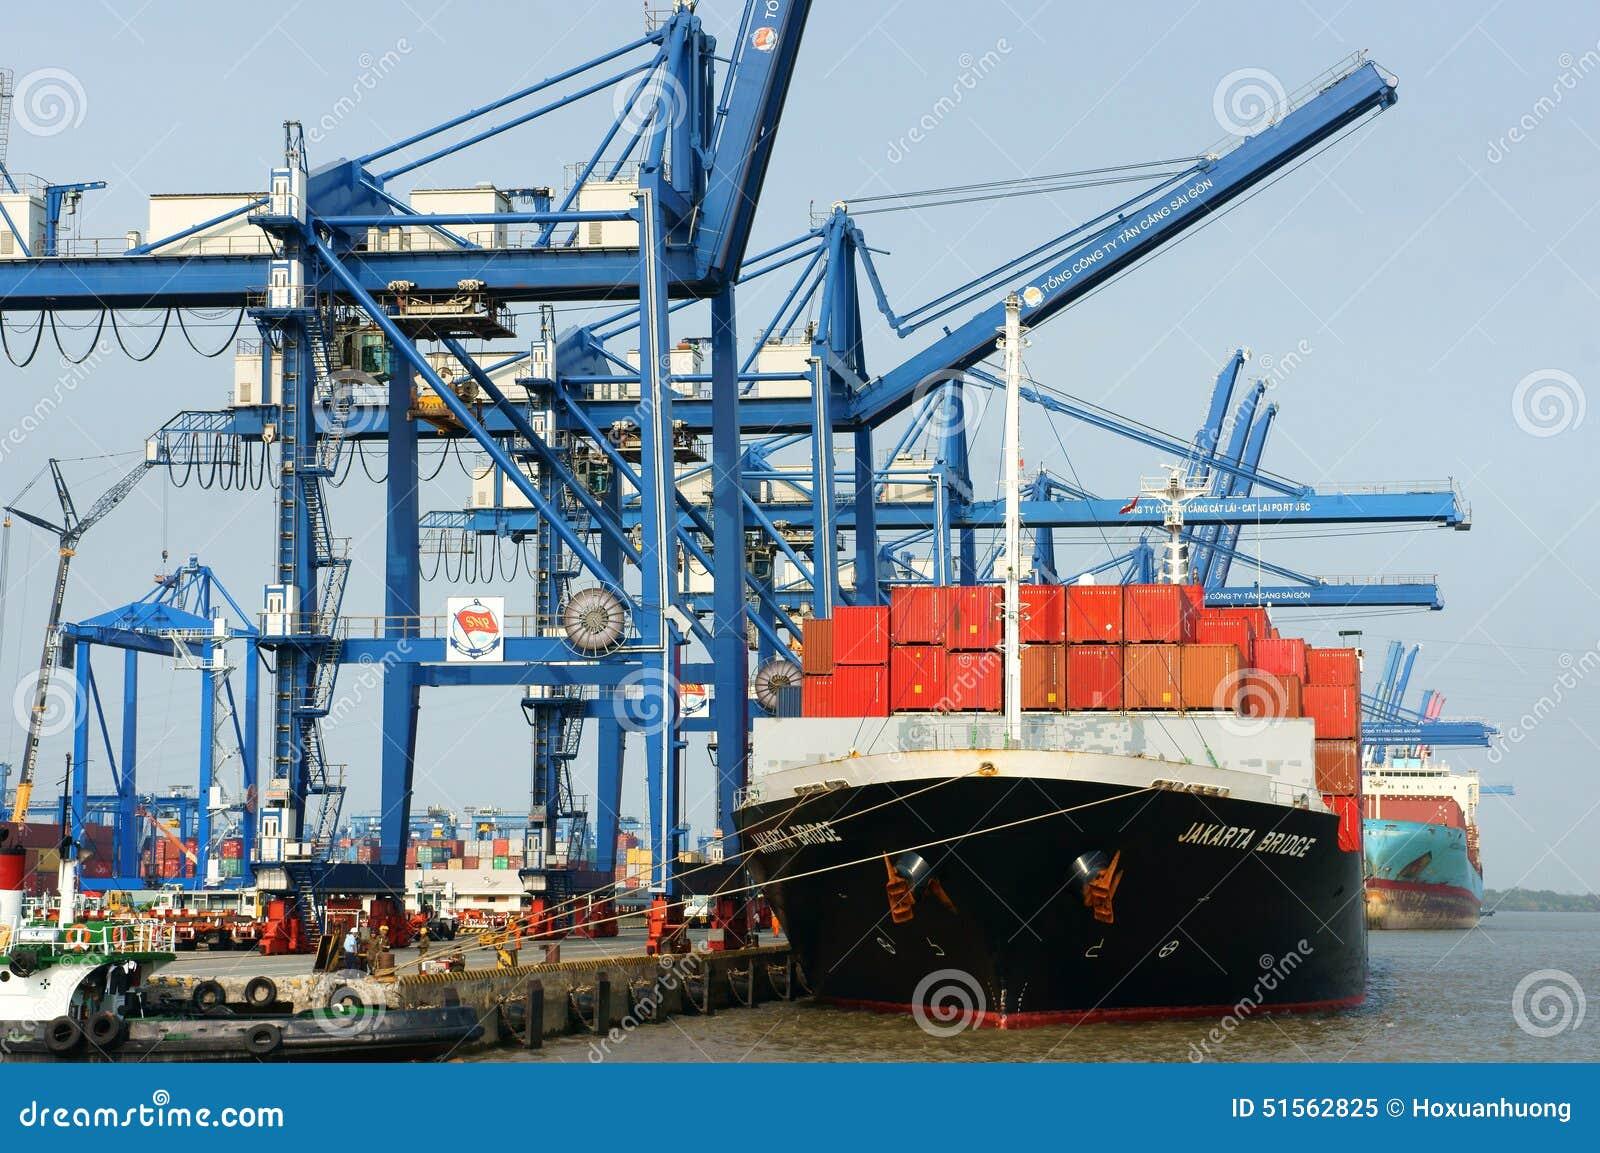 Транспорт, экспорт, импорт, порт Хо Ши Мин